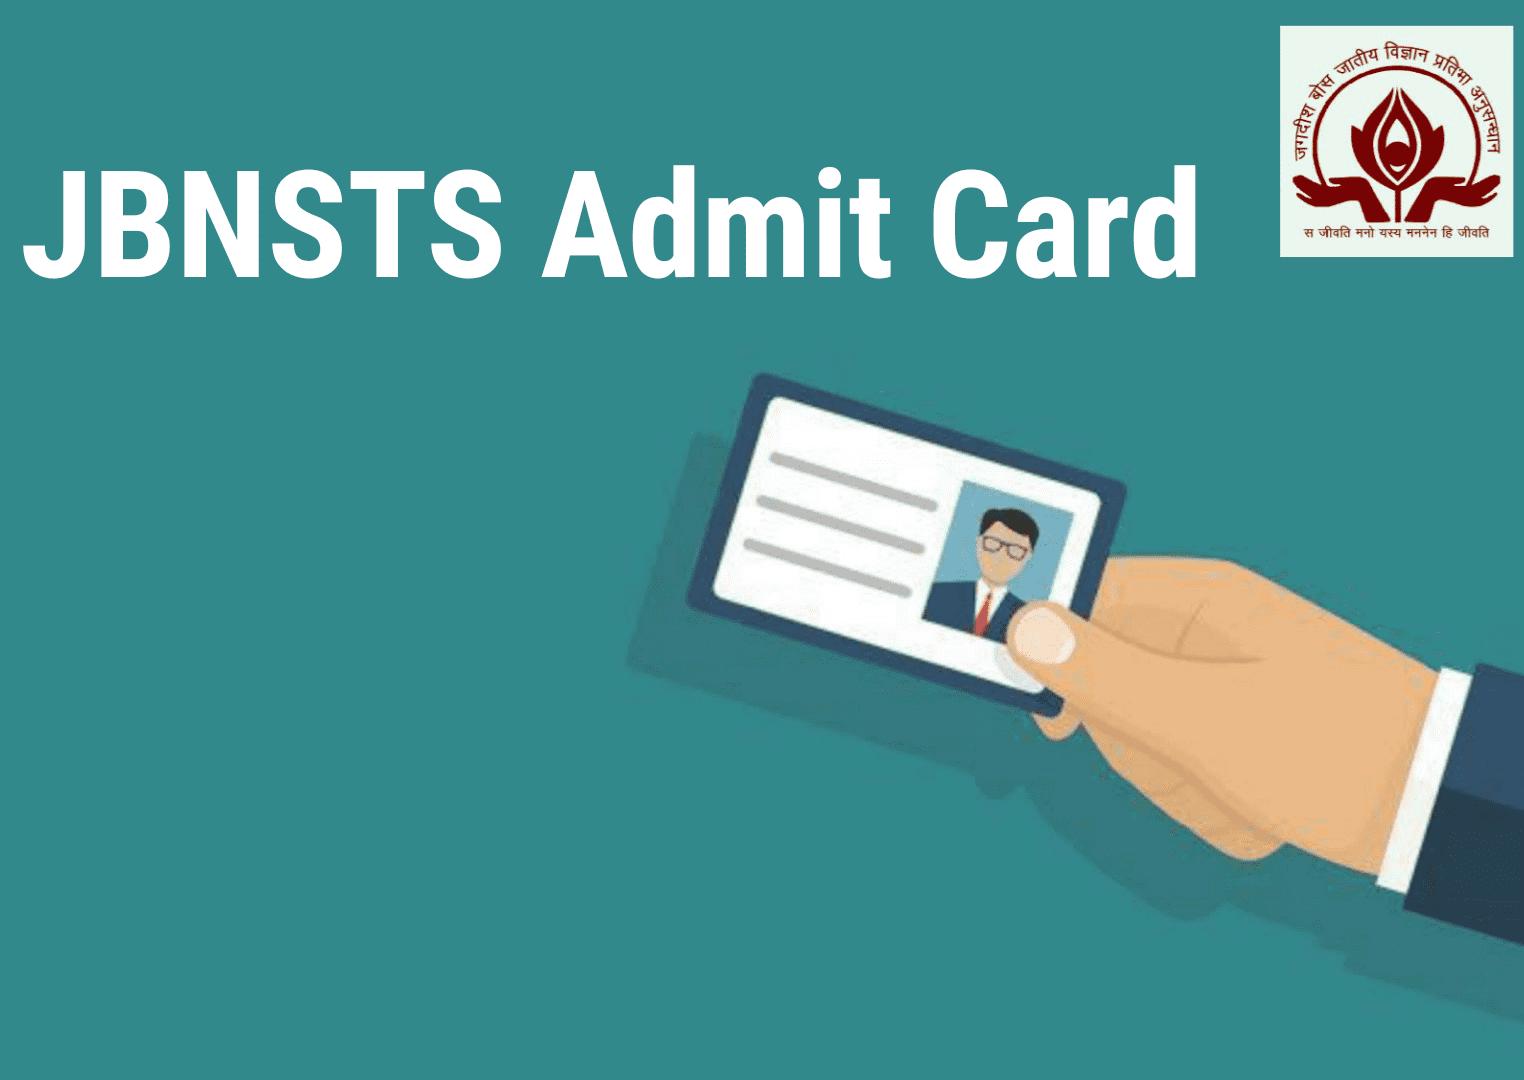 JBNSTS Admit Card